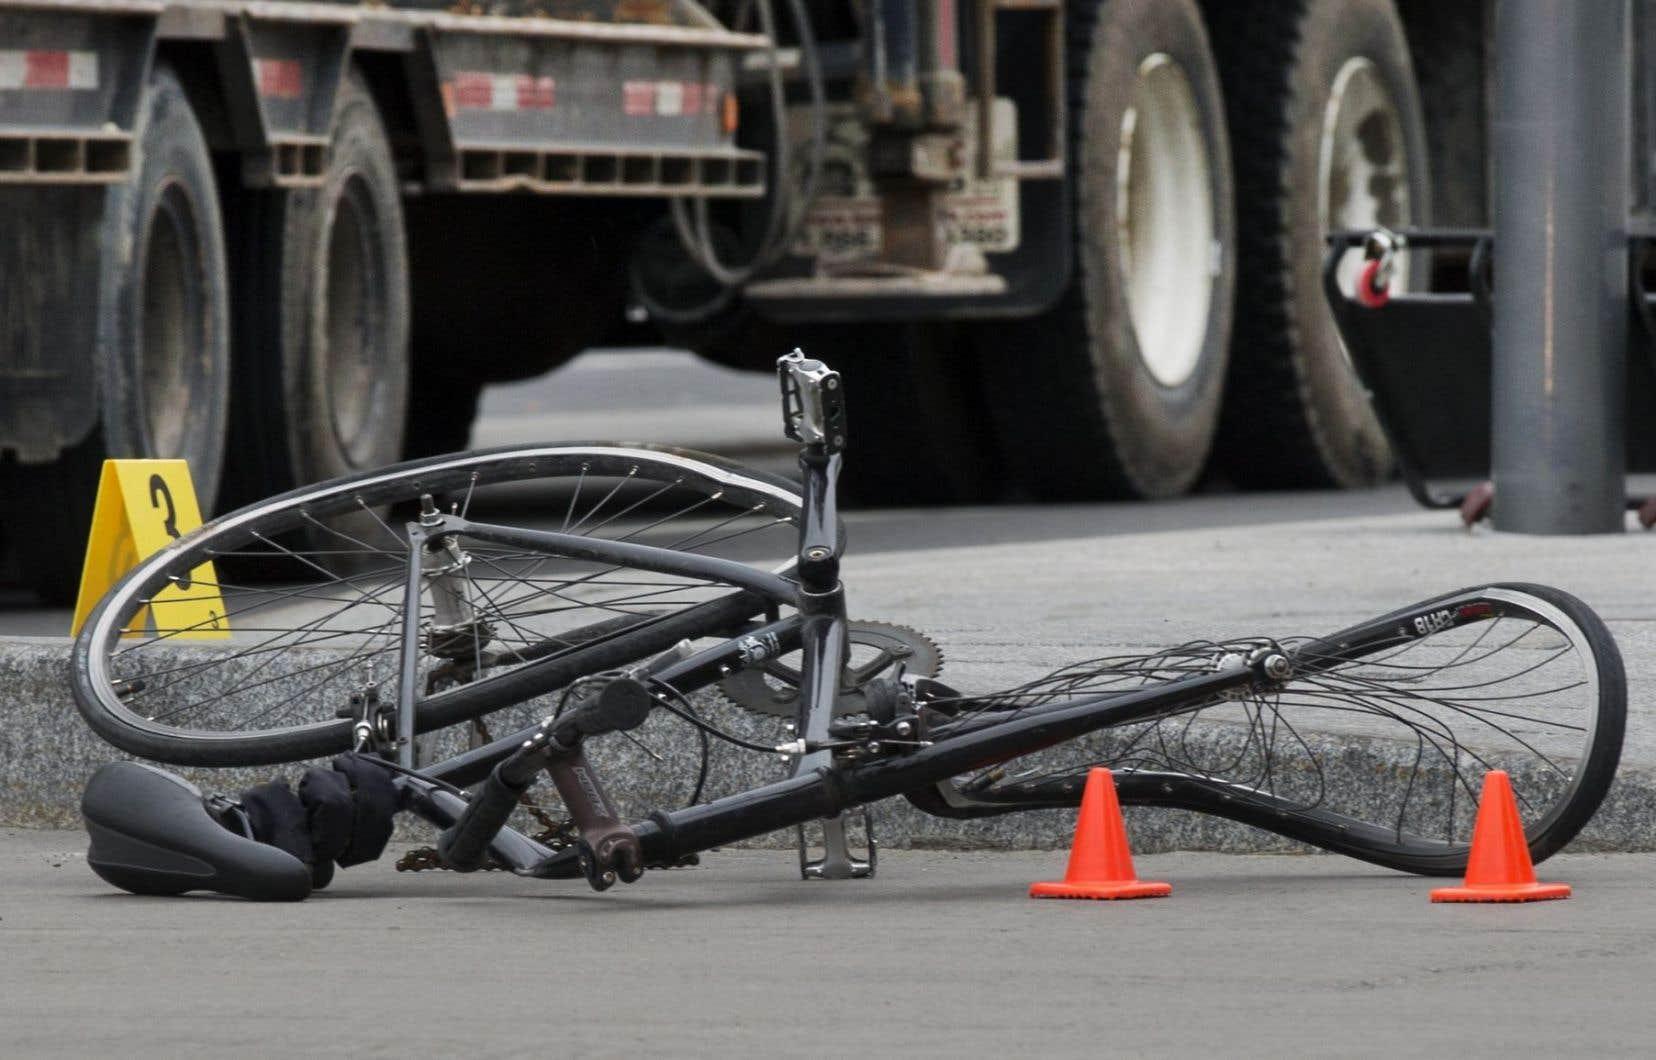 Sans la volonté politique nécessaire pour sécuriser les parcours piétons et cyclistes, les personnes qui marchent et pédalent ne seront jamais en sécurité sur la voie publique.